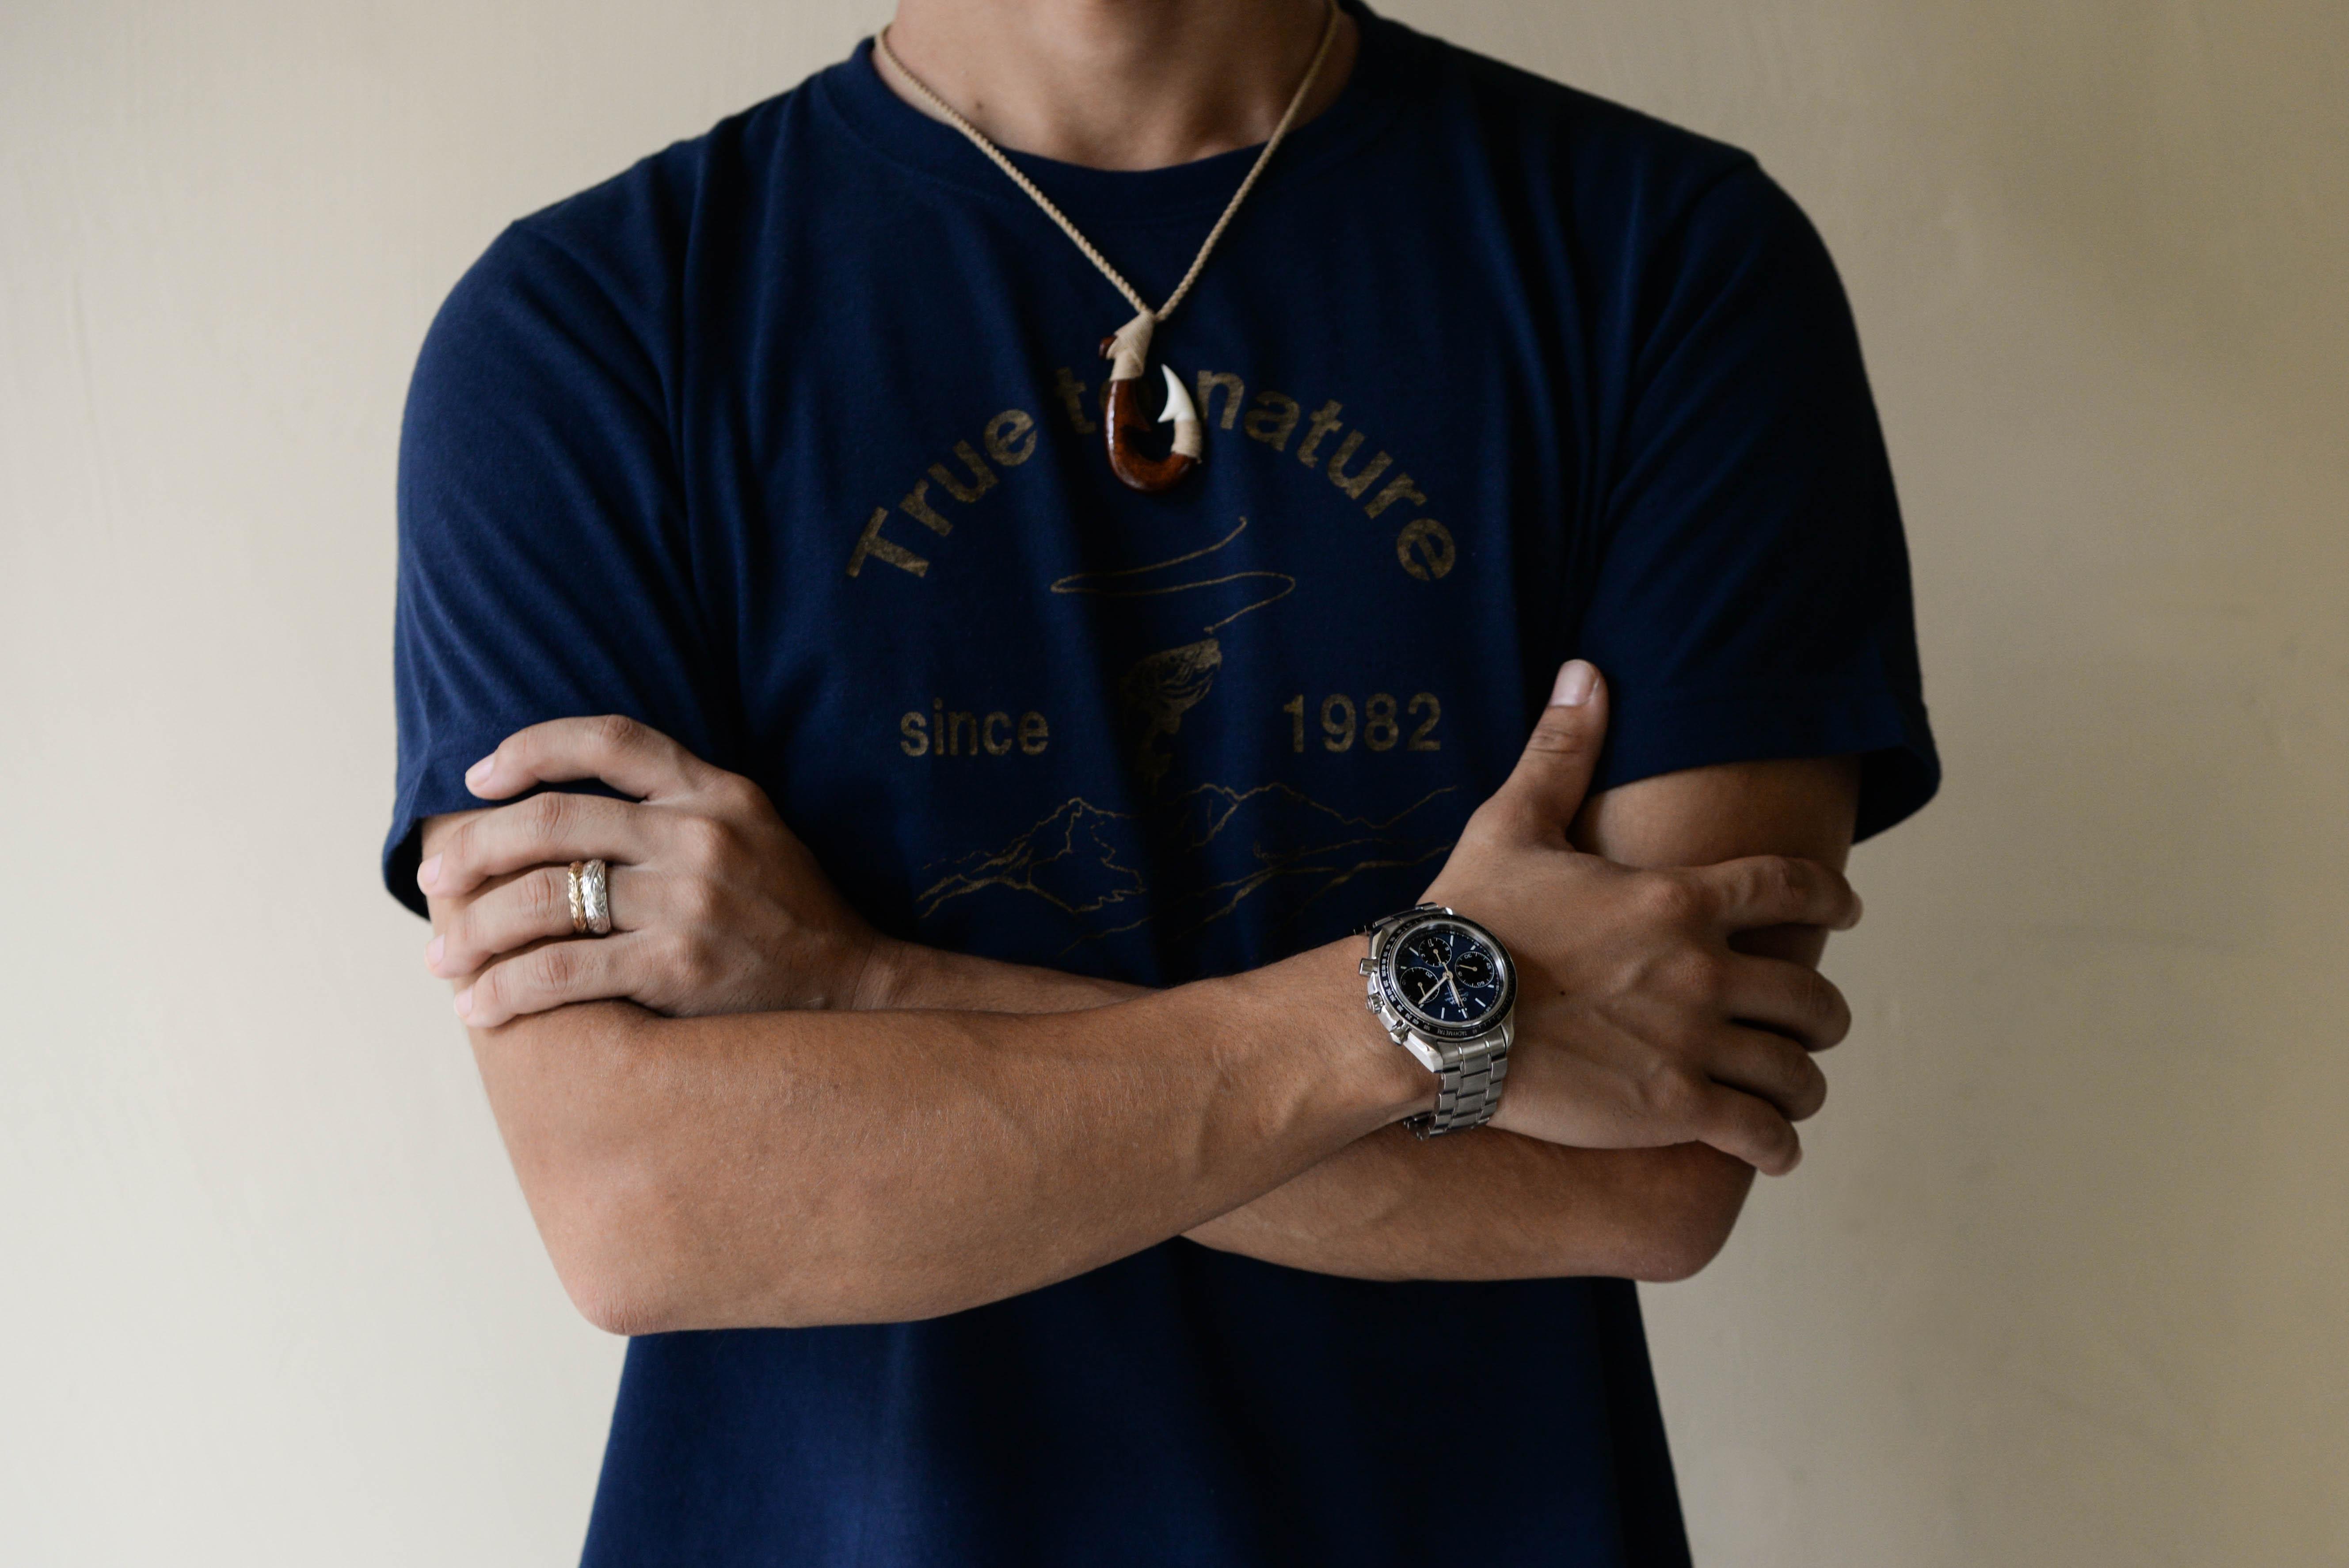 外城さんの腕時計はスピードマスター コーアクシャル